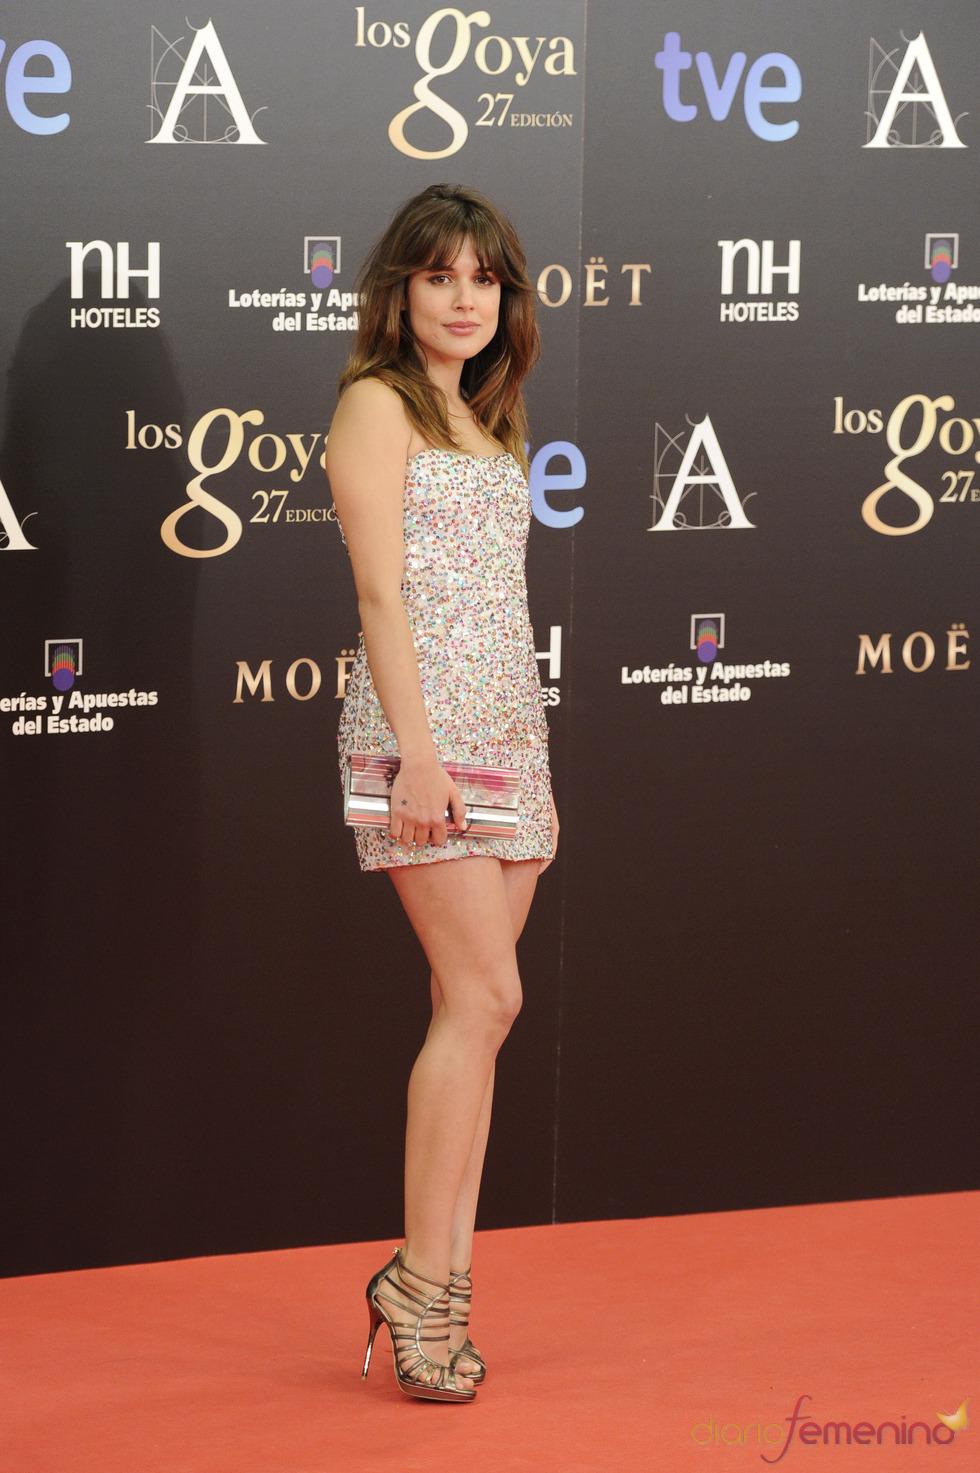 Adriana Ugarte en la alfombra roja de los Goya 2013